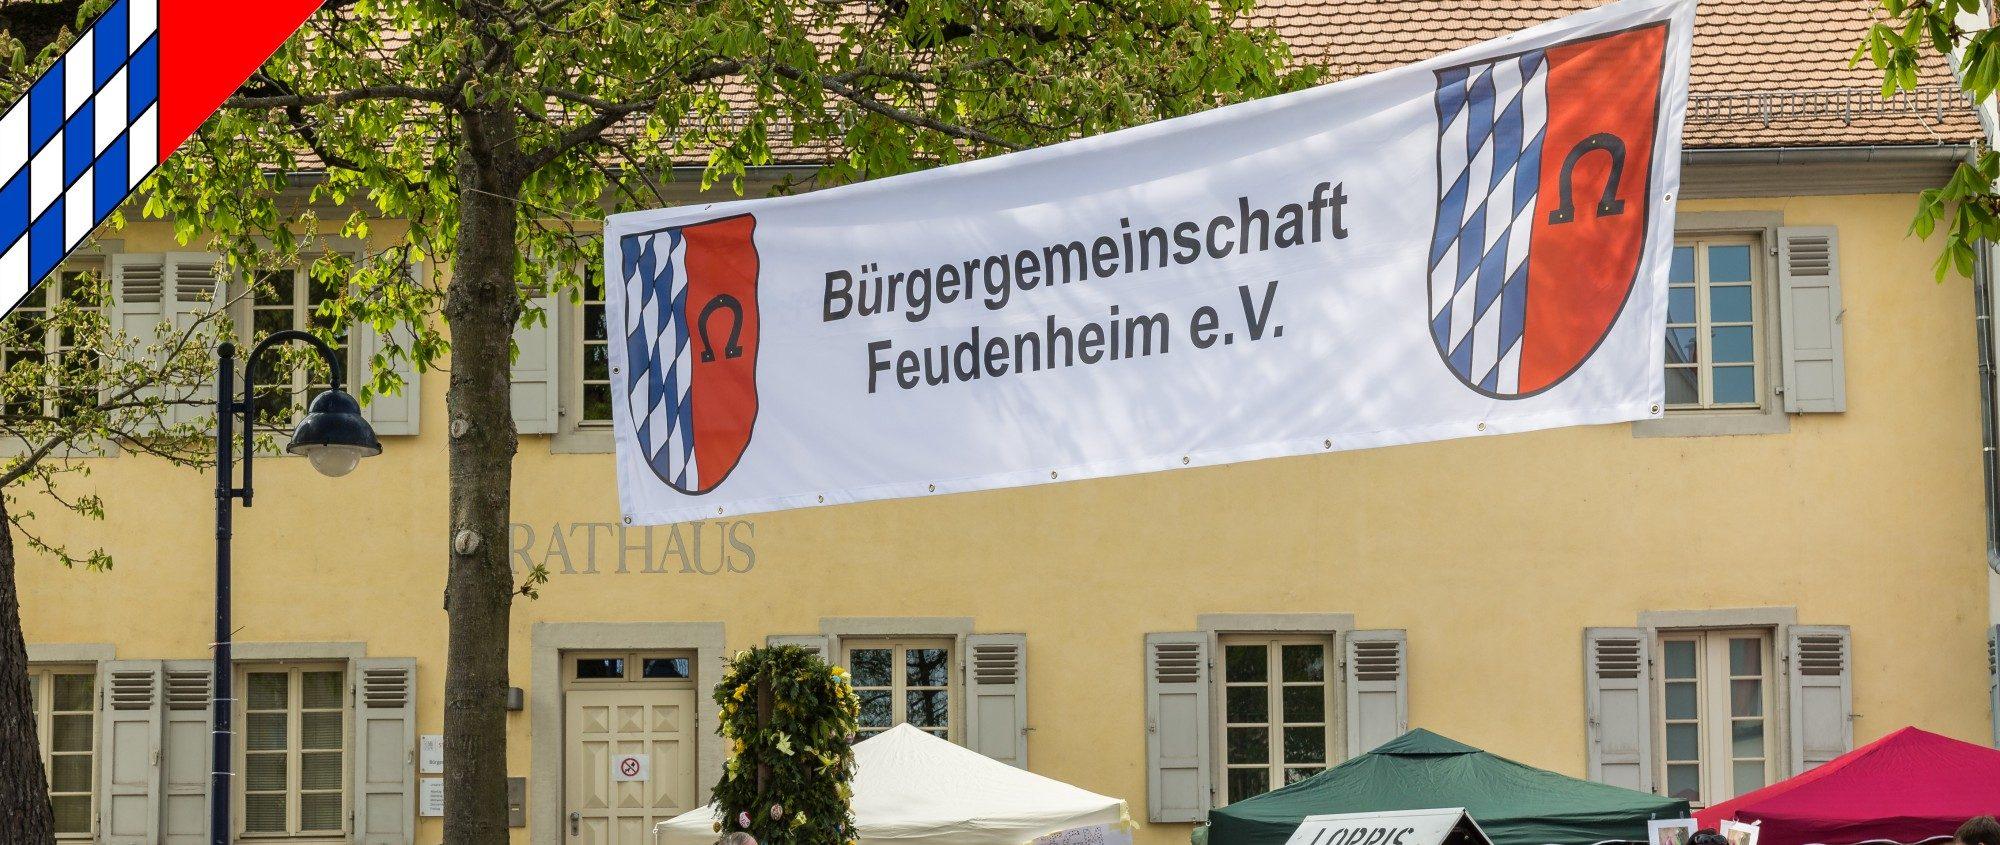 Bürgergemeinschaft Feudenheim e.V.